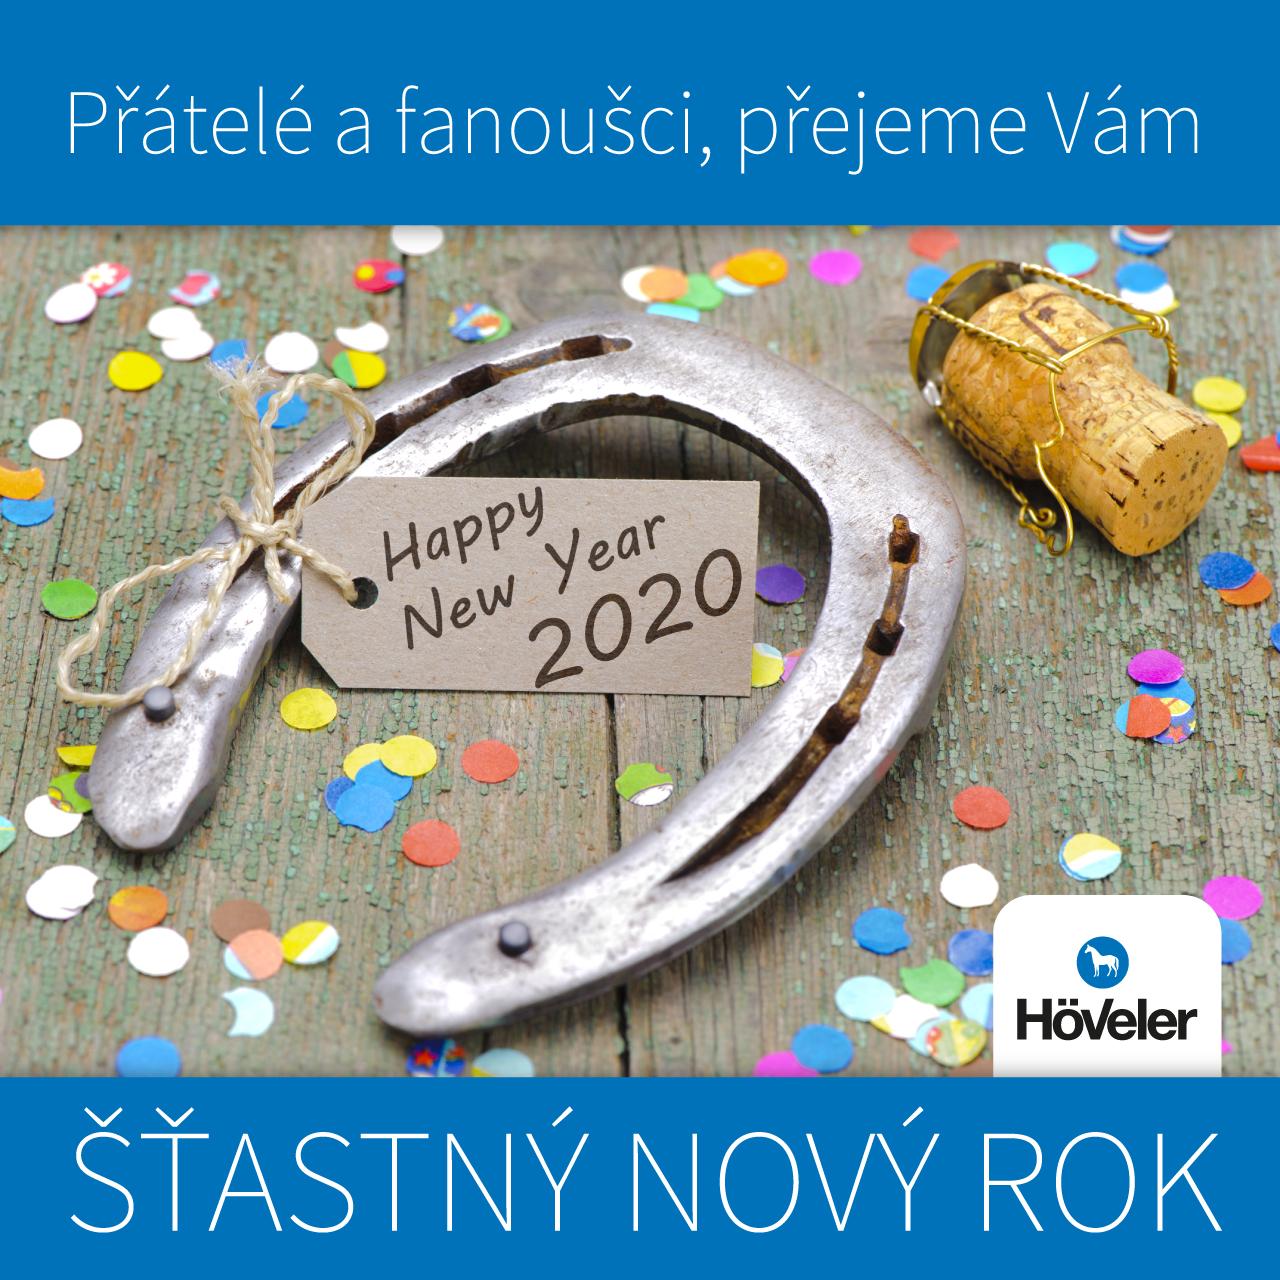 Höveler_PF2020_1